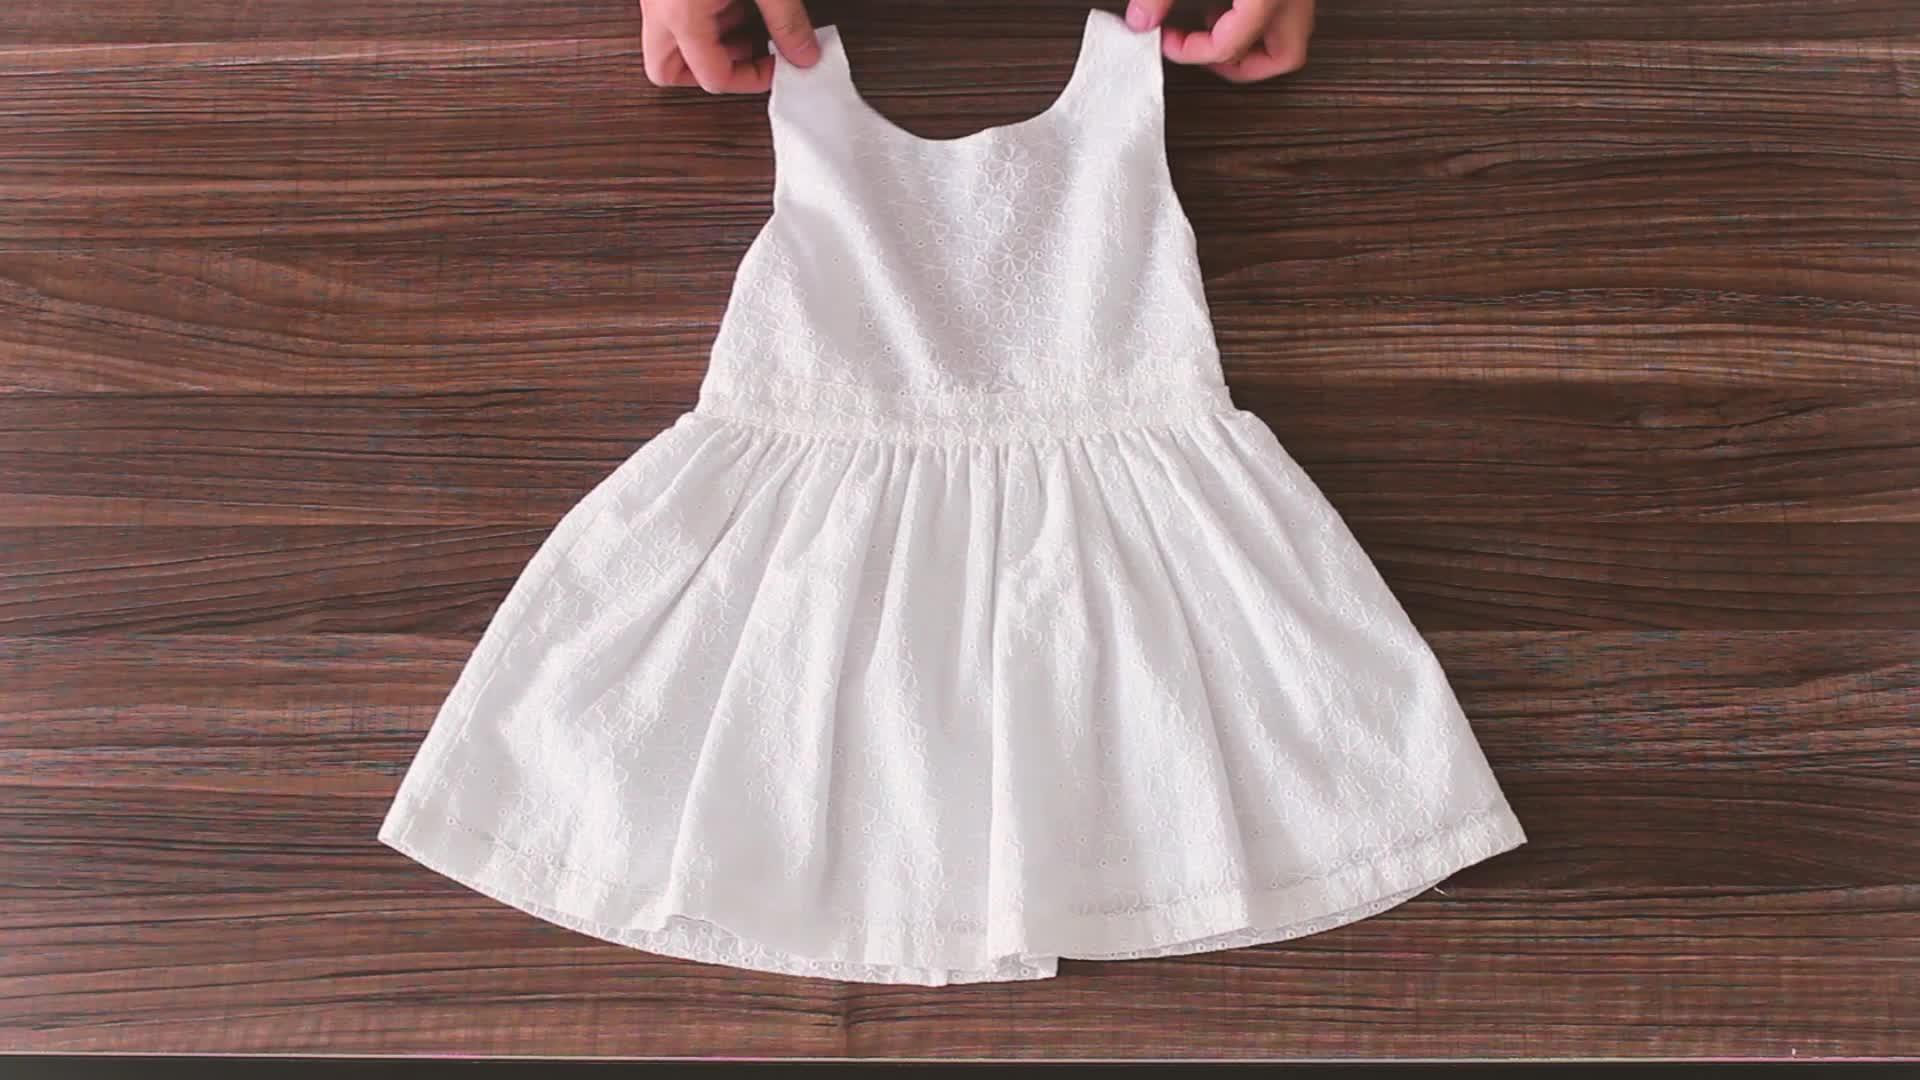 เสื้อผ้าเด็กเด็ก Frock Designs รูปภาพสาวชุดเด็กผ้าฝ้ายตูพรรคเดรส